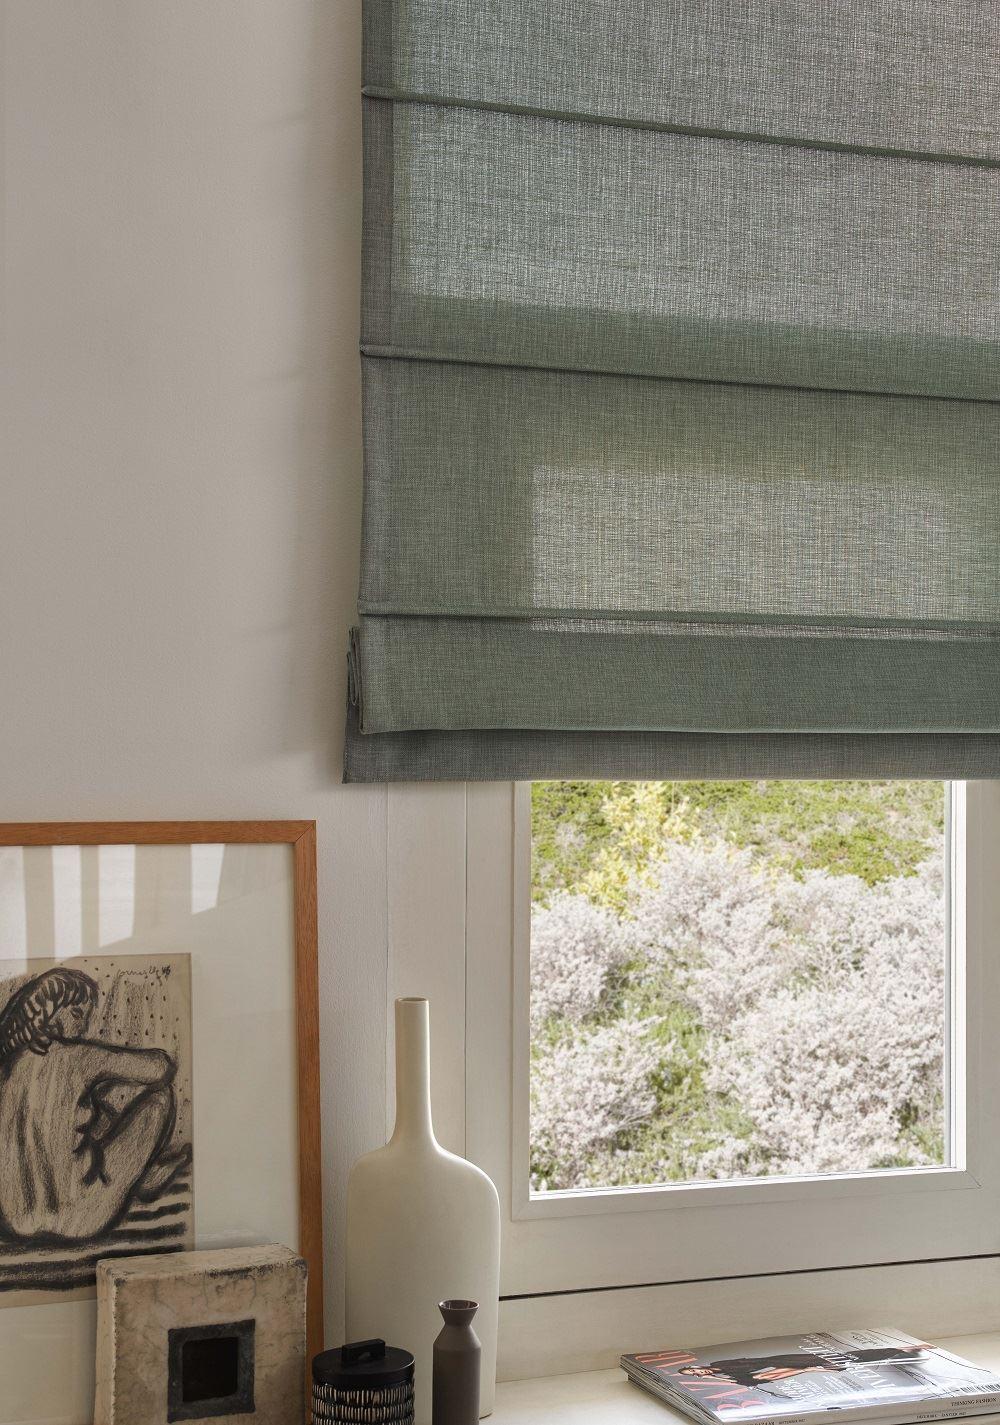 Afbeelding van Luxaflex® vouwgordijn Elegant wonen met ketting